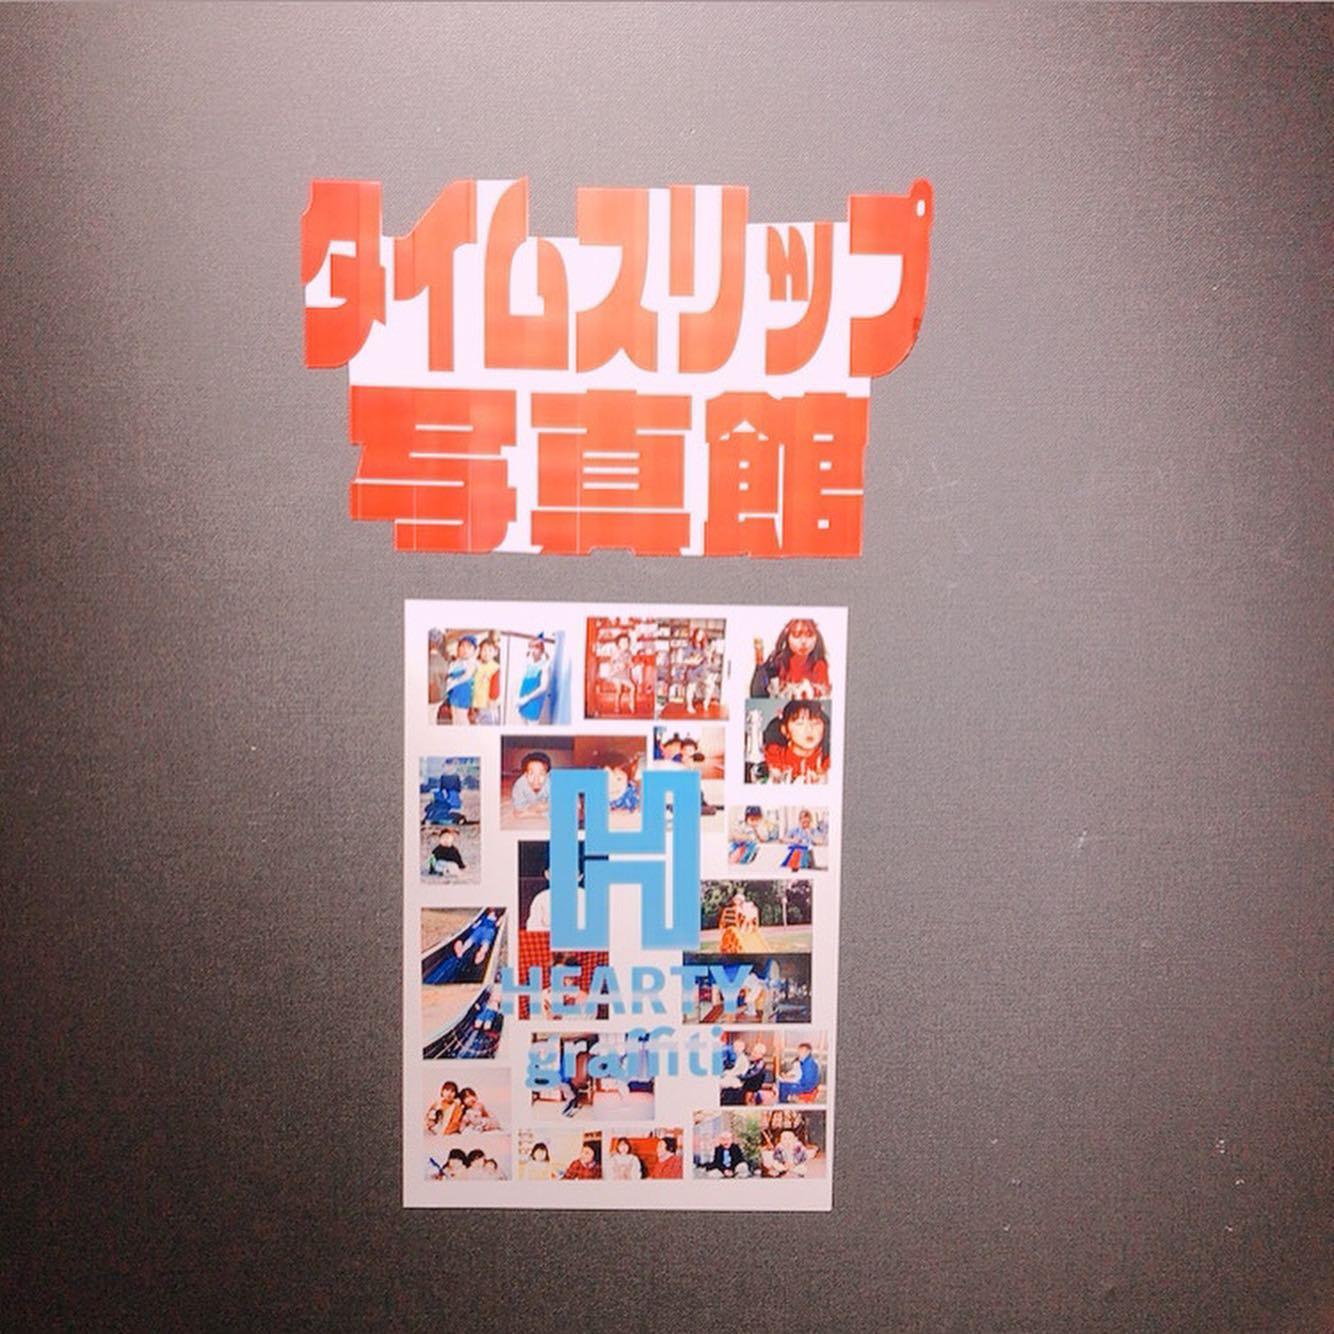 HEARTYギャラリーHEARTY graffiti 「タイムスリップ写真館」東京graffitiを分かりやすくパロり、スタッフの過去と今、タイムスリップ写真を展示しています。スタッフコメントはまだ揃ってませんが、2月いっぱいの展示ですので、ぜひ皆様足をお運びください♪thanks @saragiustoo #東京graffiti #タイムスリップ写真館 #HEARTYgraffiti #ハーティーギャラリー #heartygallery @hearty__s